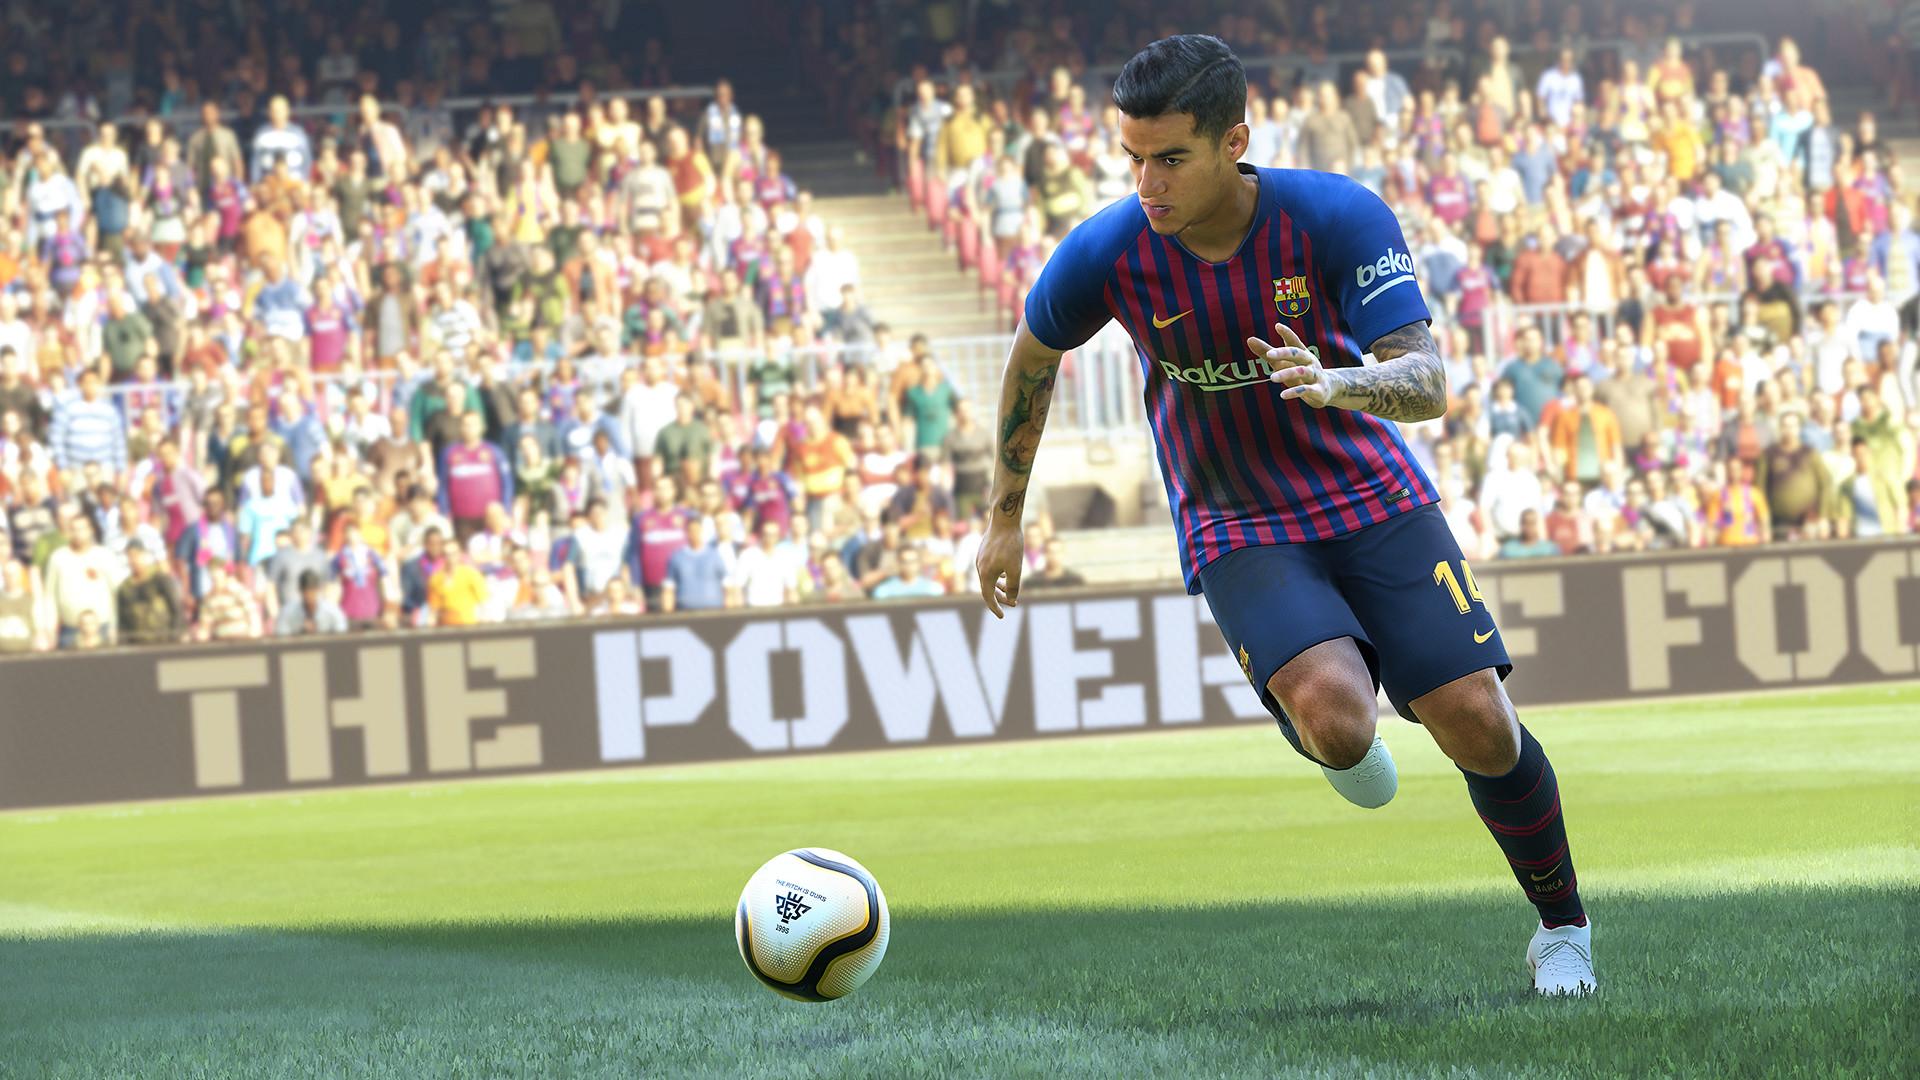 Pro Evolution Soccer c'est un spin-off de la série internationale Superstar Football de Konami. Chaque année, le jeu est sorti vers la fin septembre et début octobre avec deux titres différents: World Soccer: Winning Eleven au Japon et en Asie, et Pro Evolution Soccer en Europe, en Amérique du Nord et en Asie (Indonésie seulement).